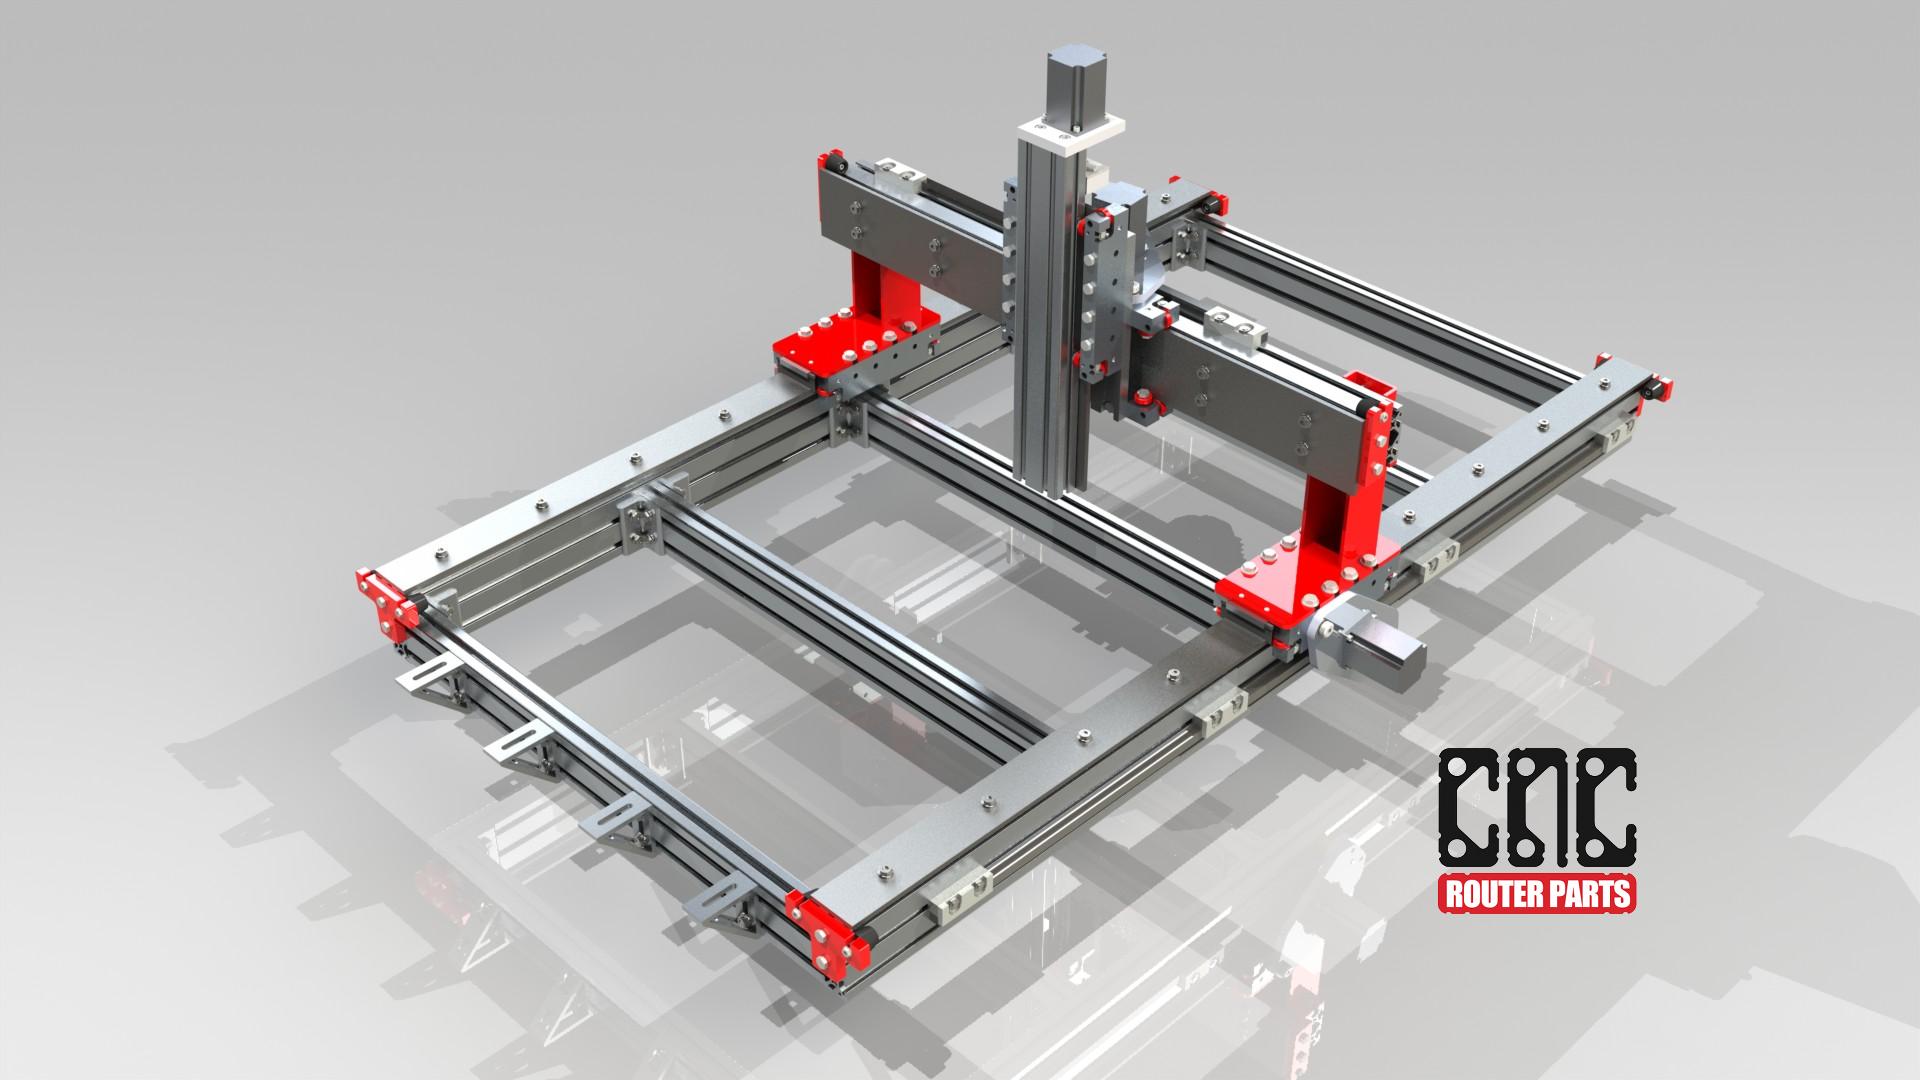 CRP2448 2' x 4' CNC Router Kit